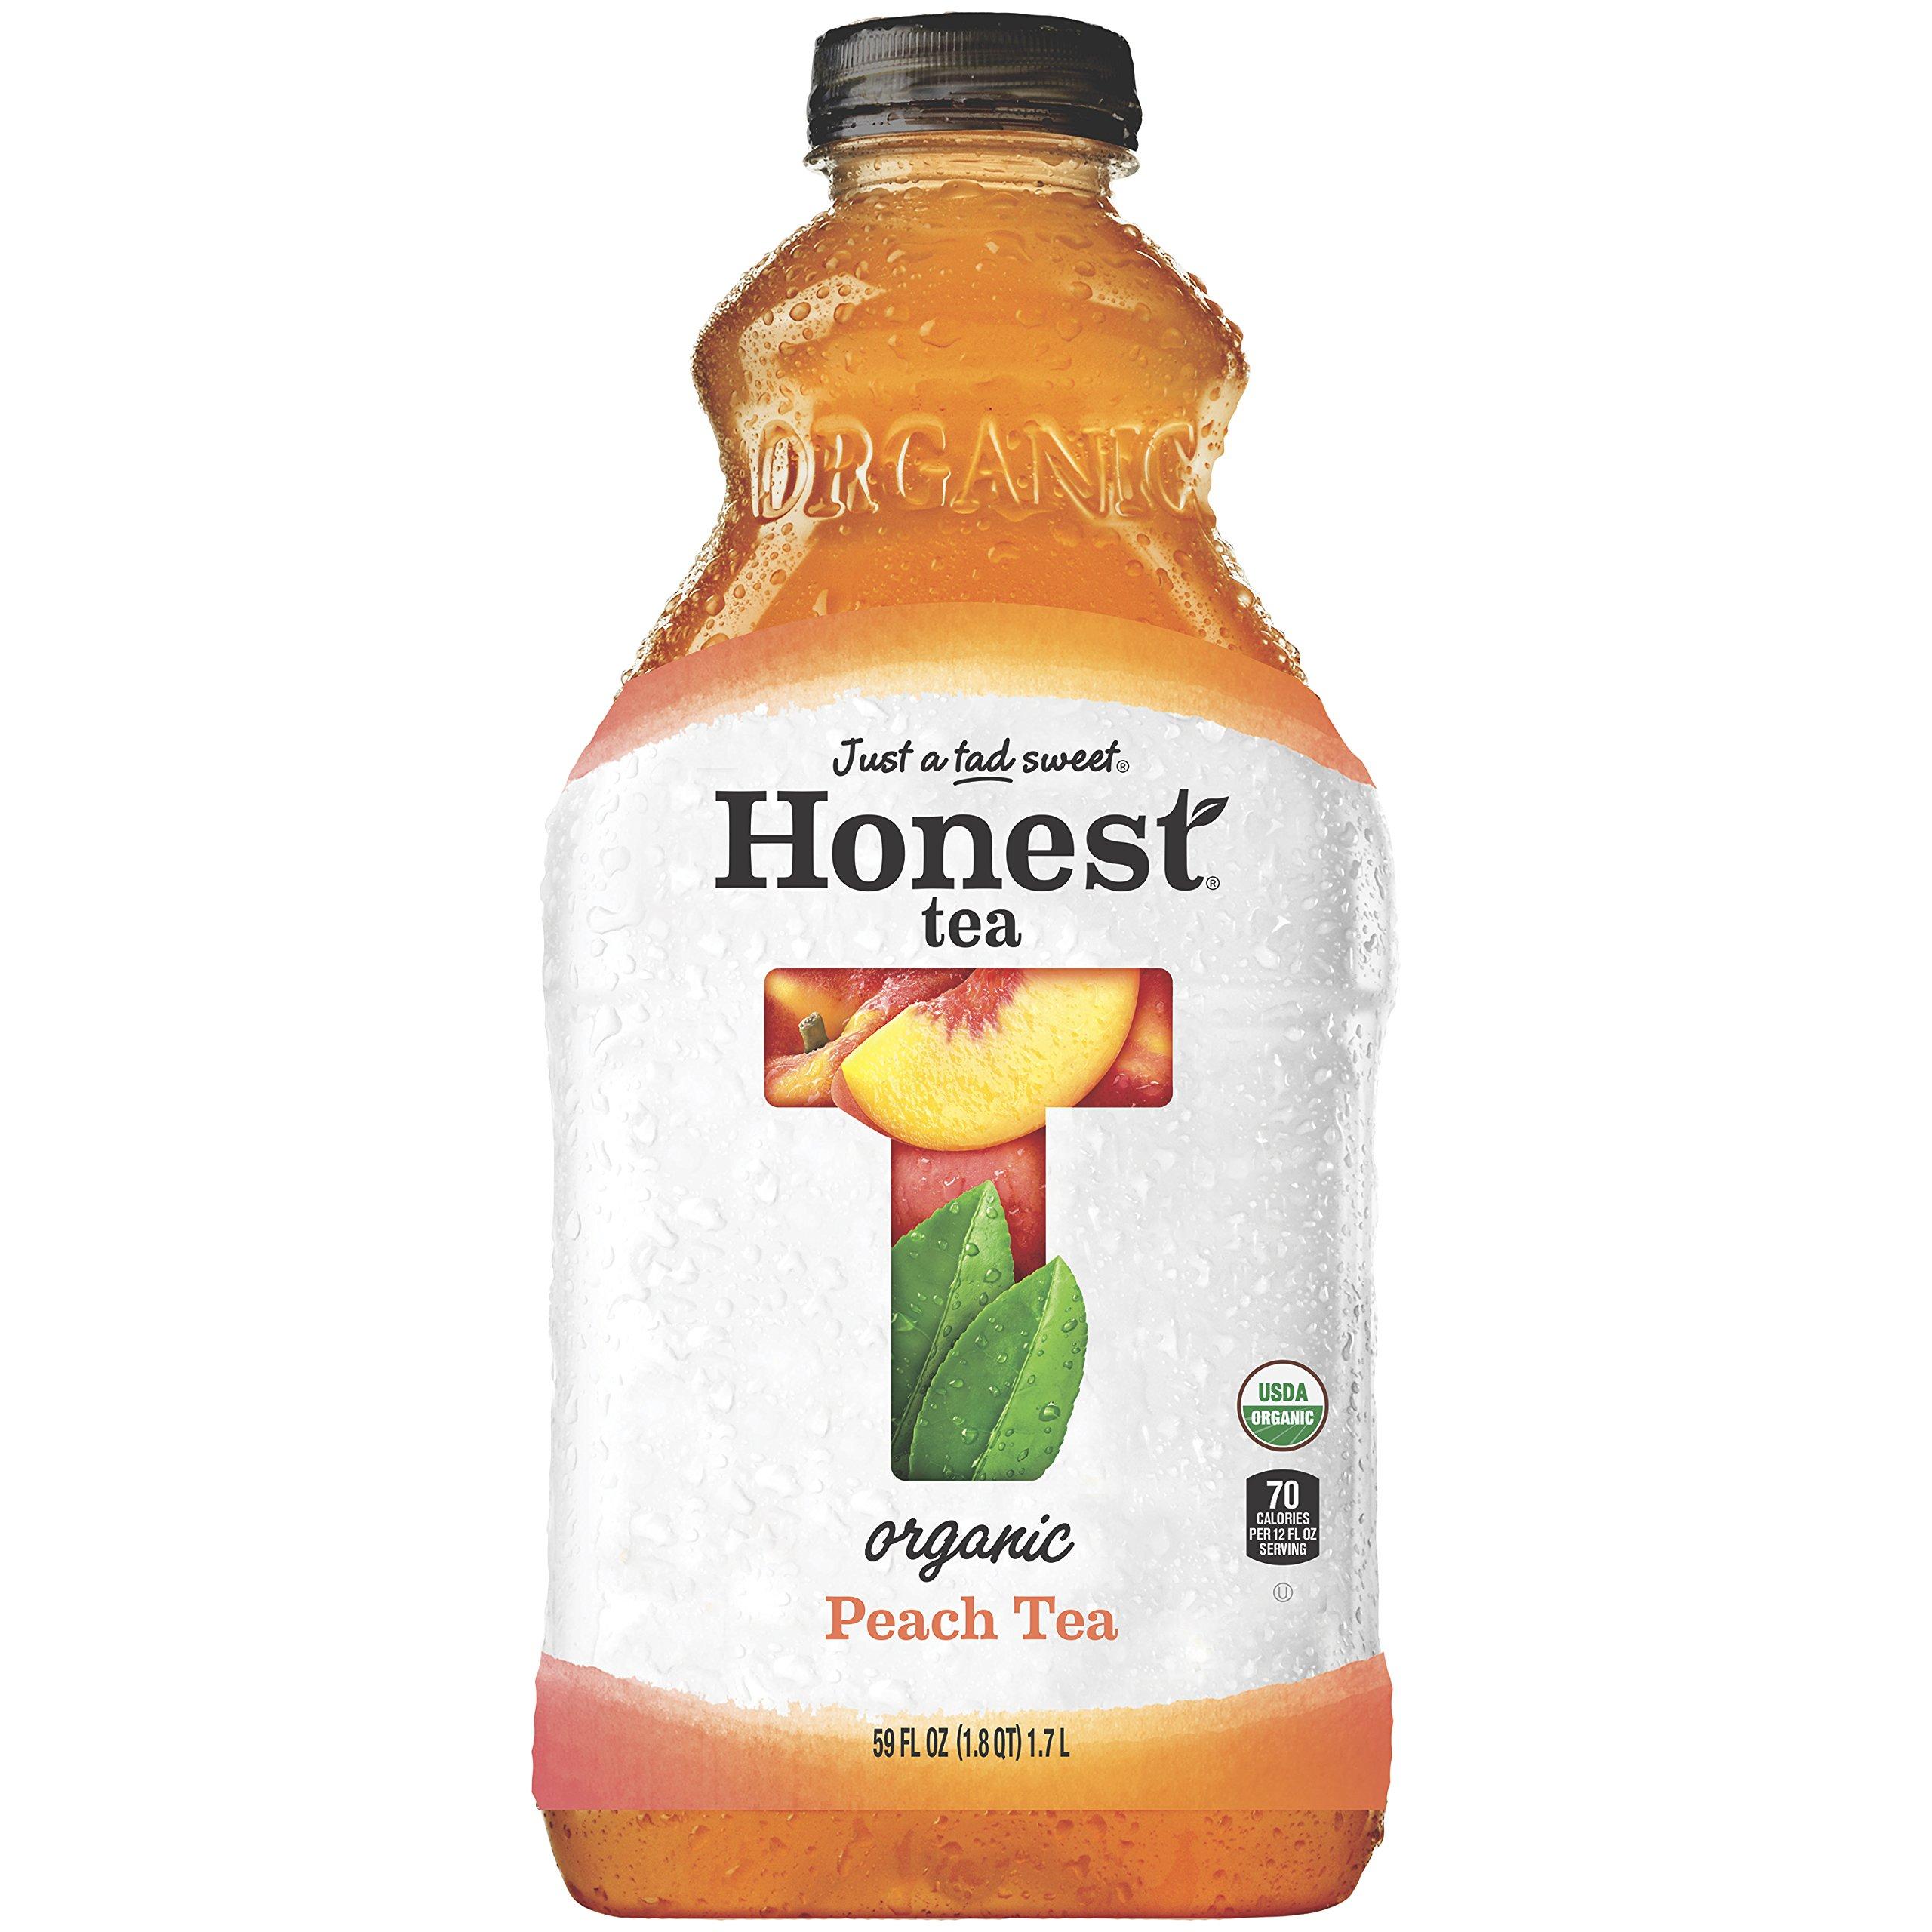 Honest Tea Organic Fair Trade Peach Tea Gluten Free, 59 fl oz